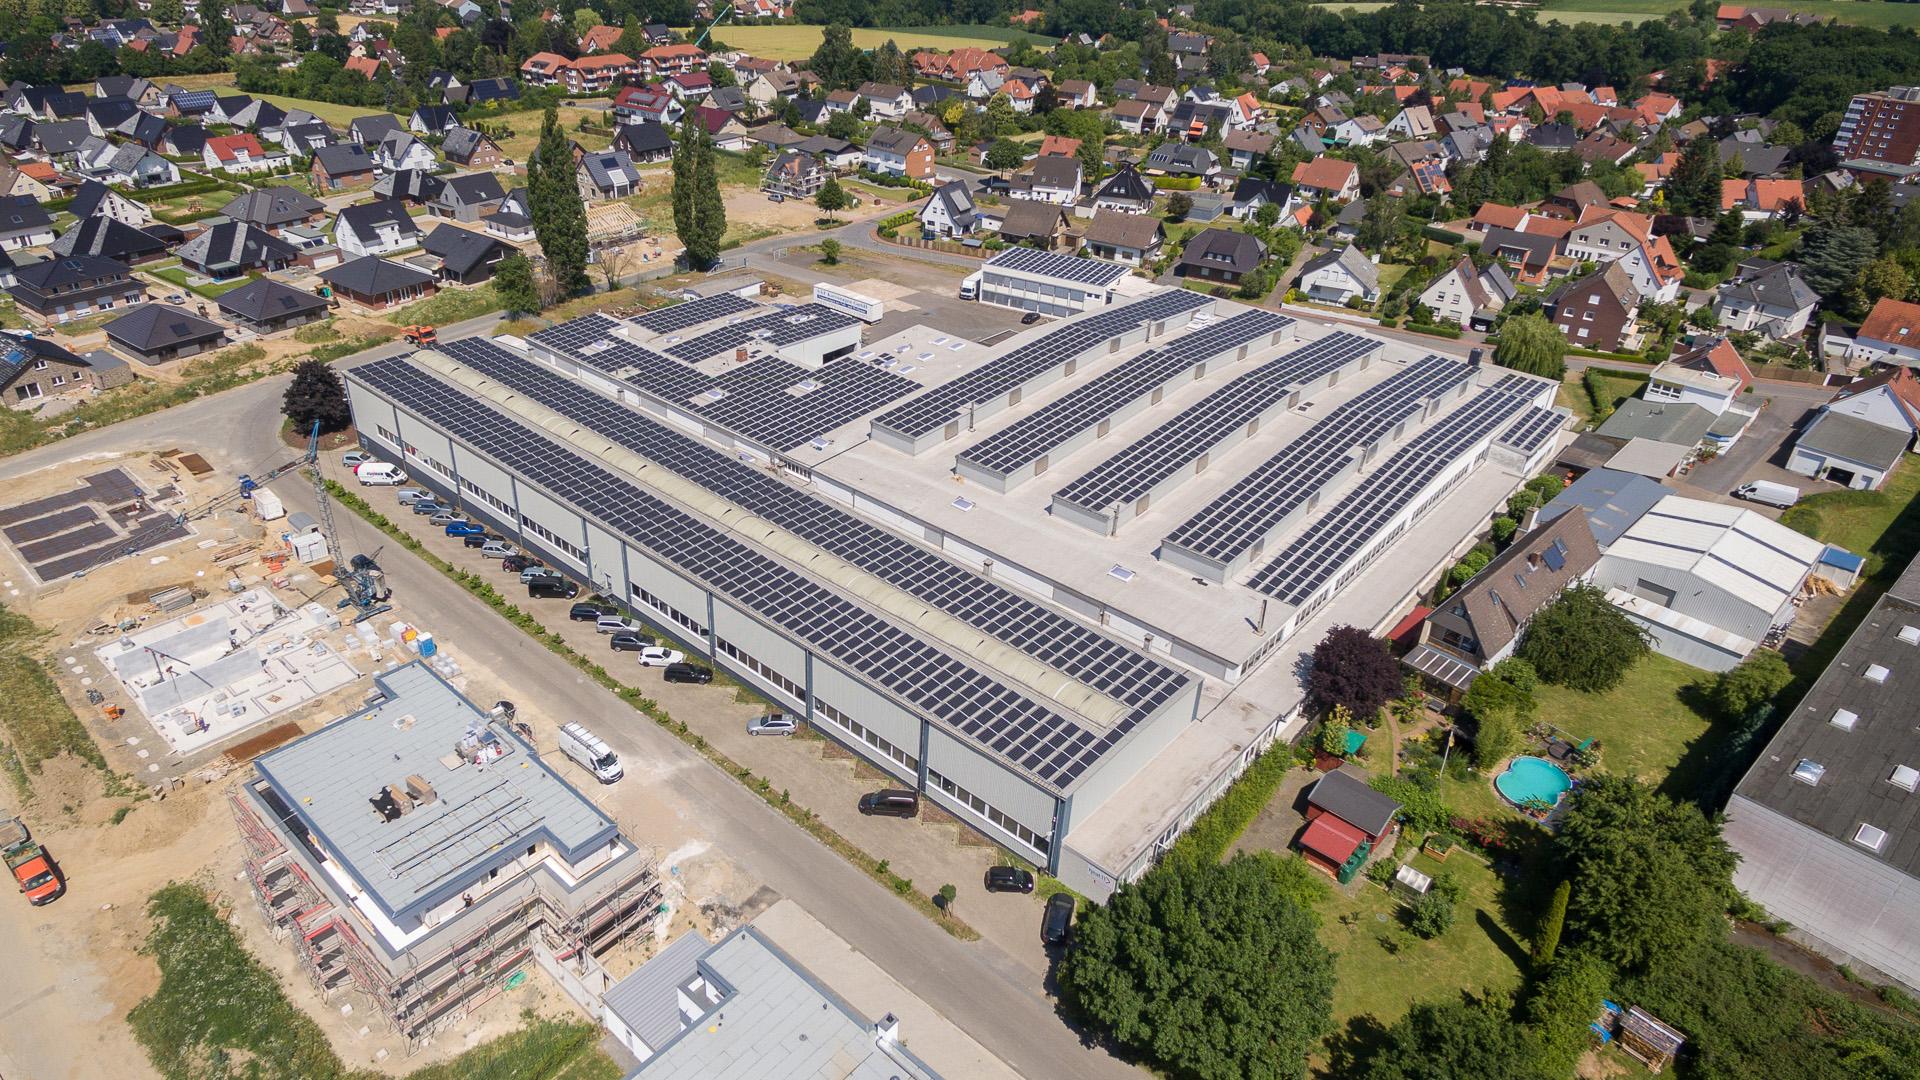 Drohnenafuanhmen für die Firma Heat 11 GmbH & Co. KG